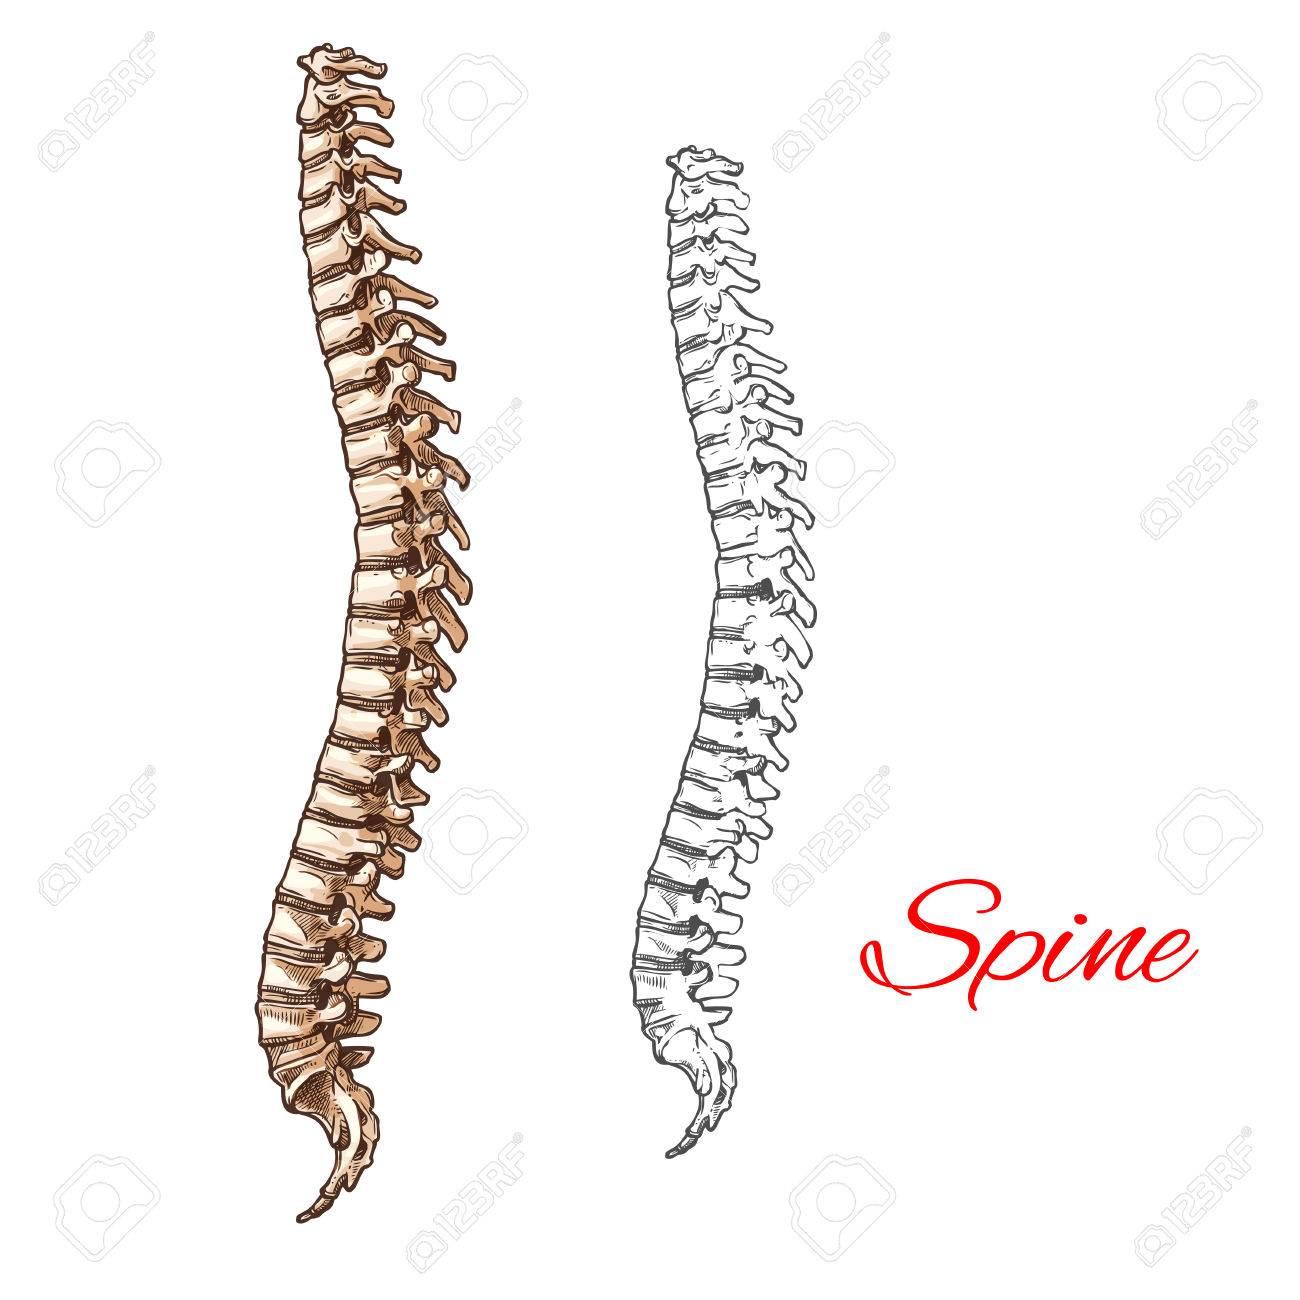 Menschliche Wirbelsäule Knochen Und Backbone Gelenke Vektor Skizze ...